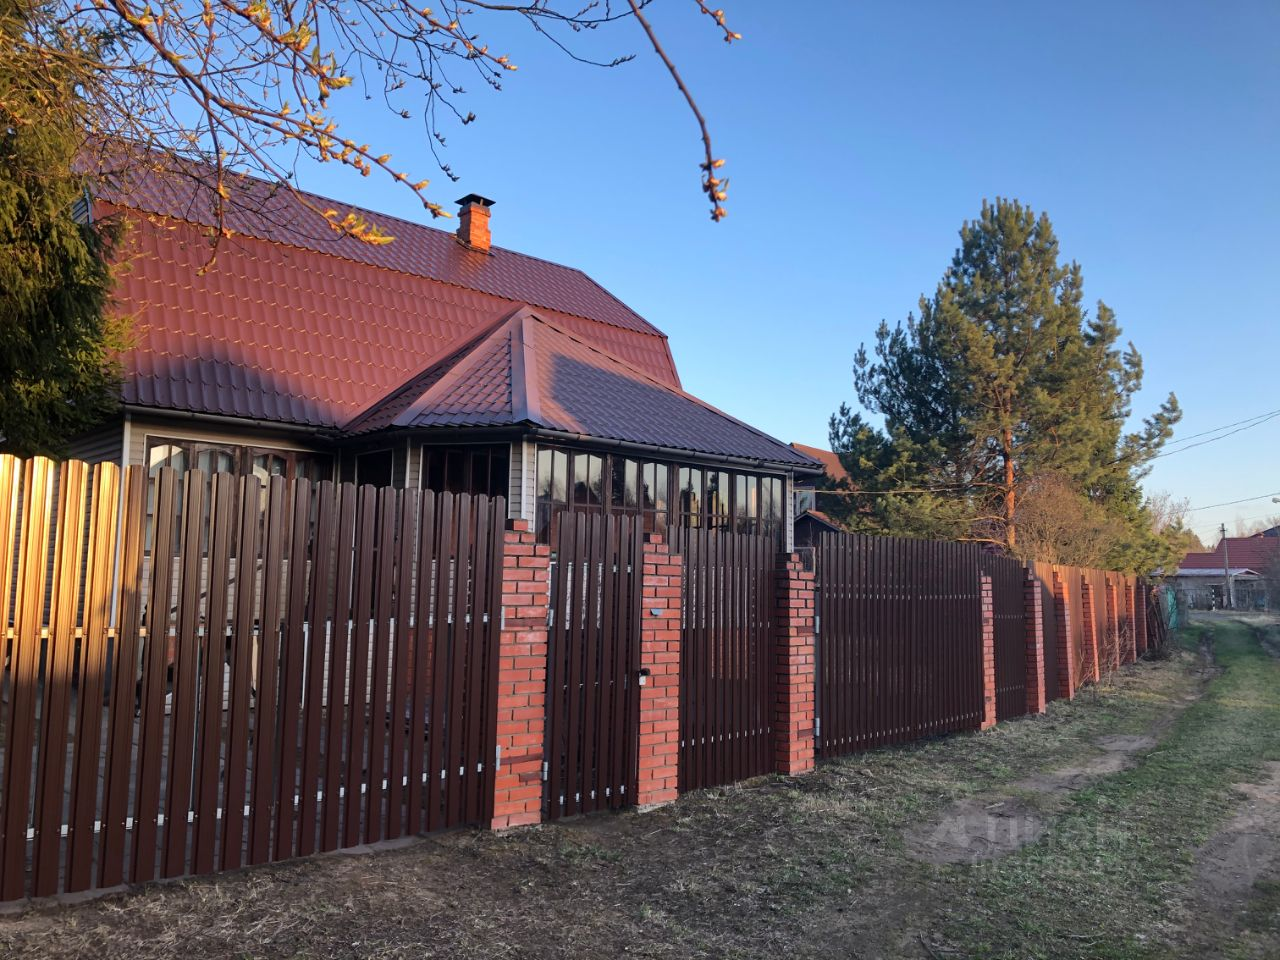 Продажа дома 144м² Московская область, Солнечногорск городской округ, Березки-2 садовое товарищество, 7 - база ЦИАН, объявление 215205577